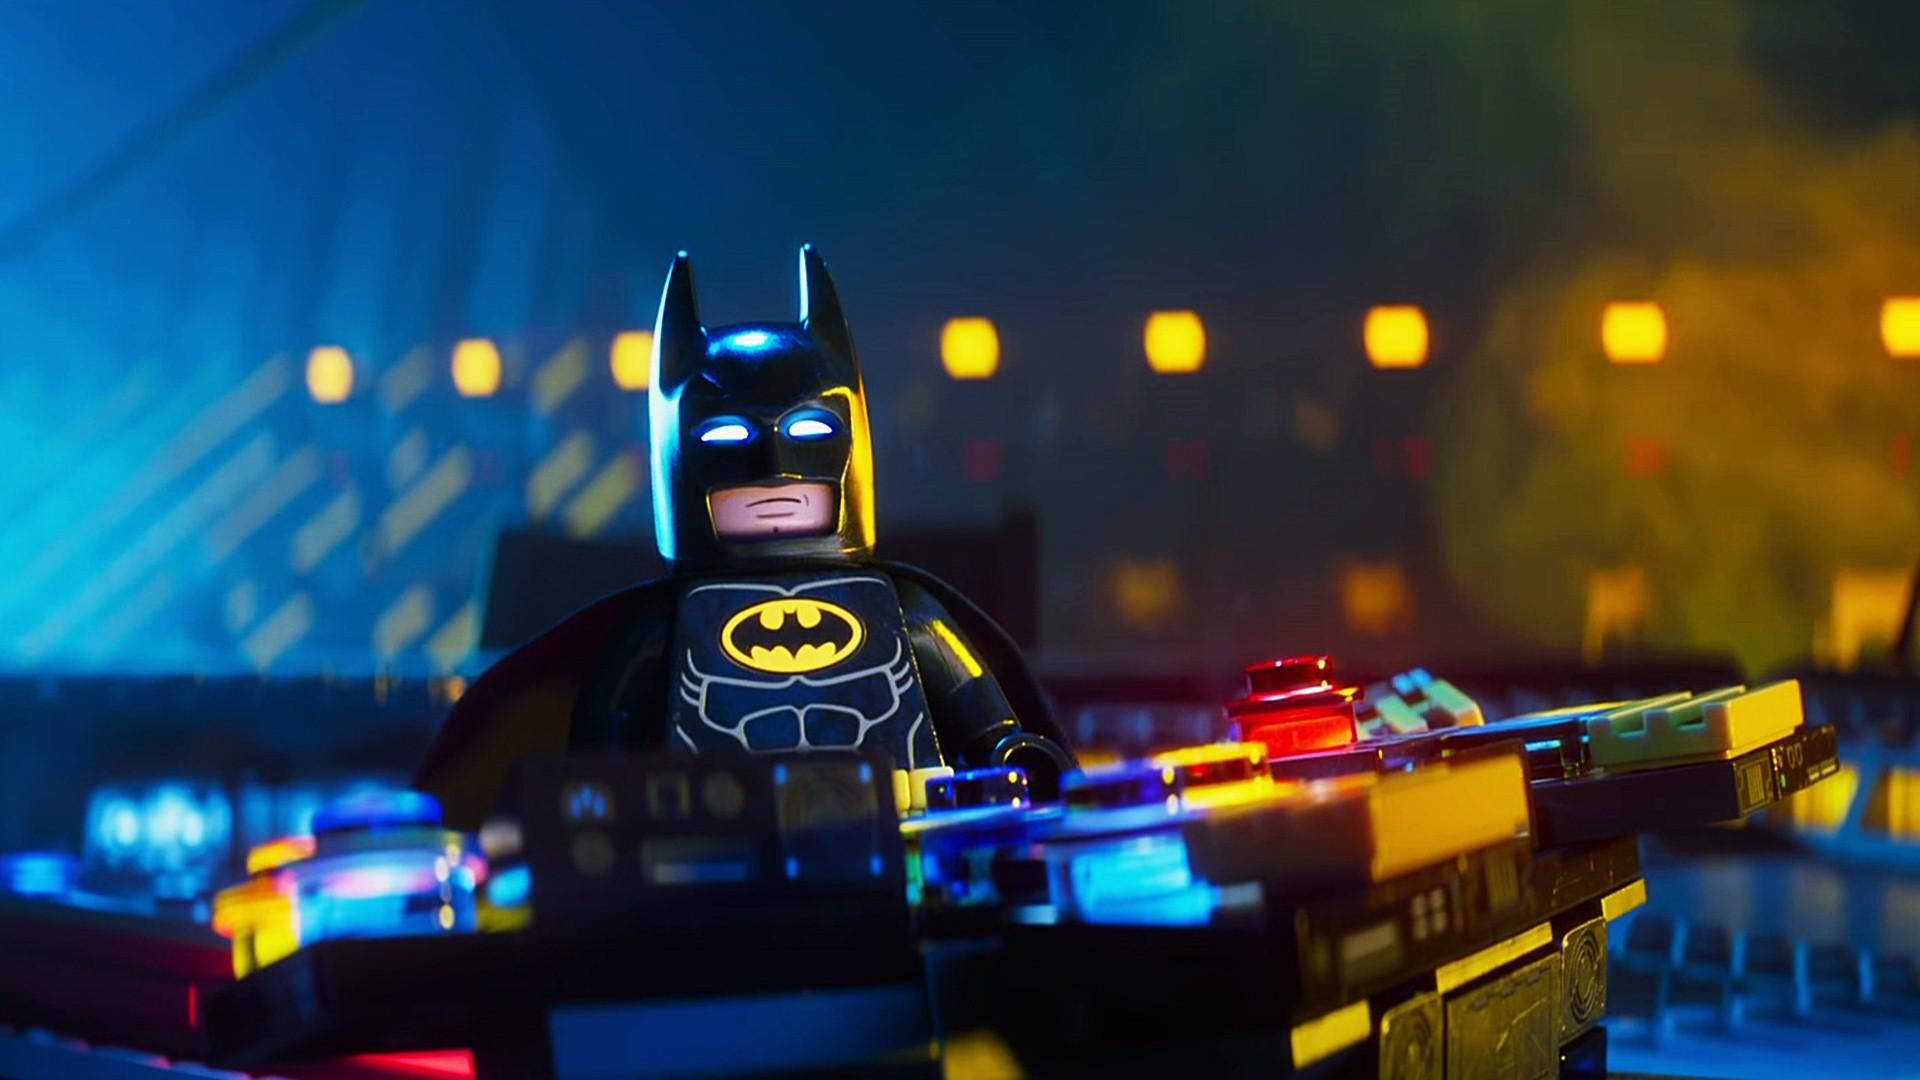 Free Wallpapers Inspirational Quotes Lego Batman Wallpaper Hd Pixelstalk Net